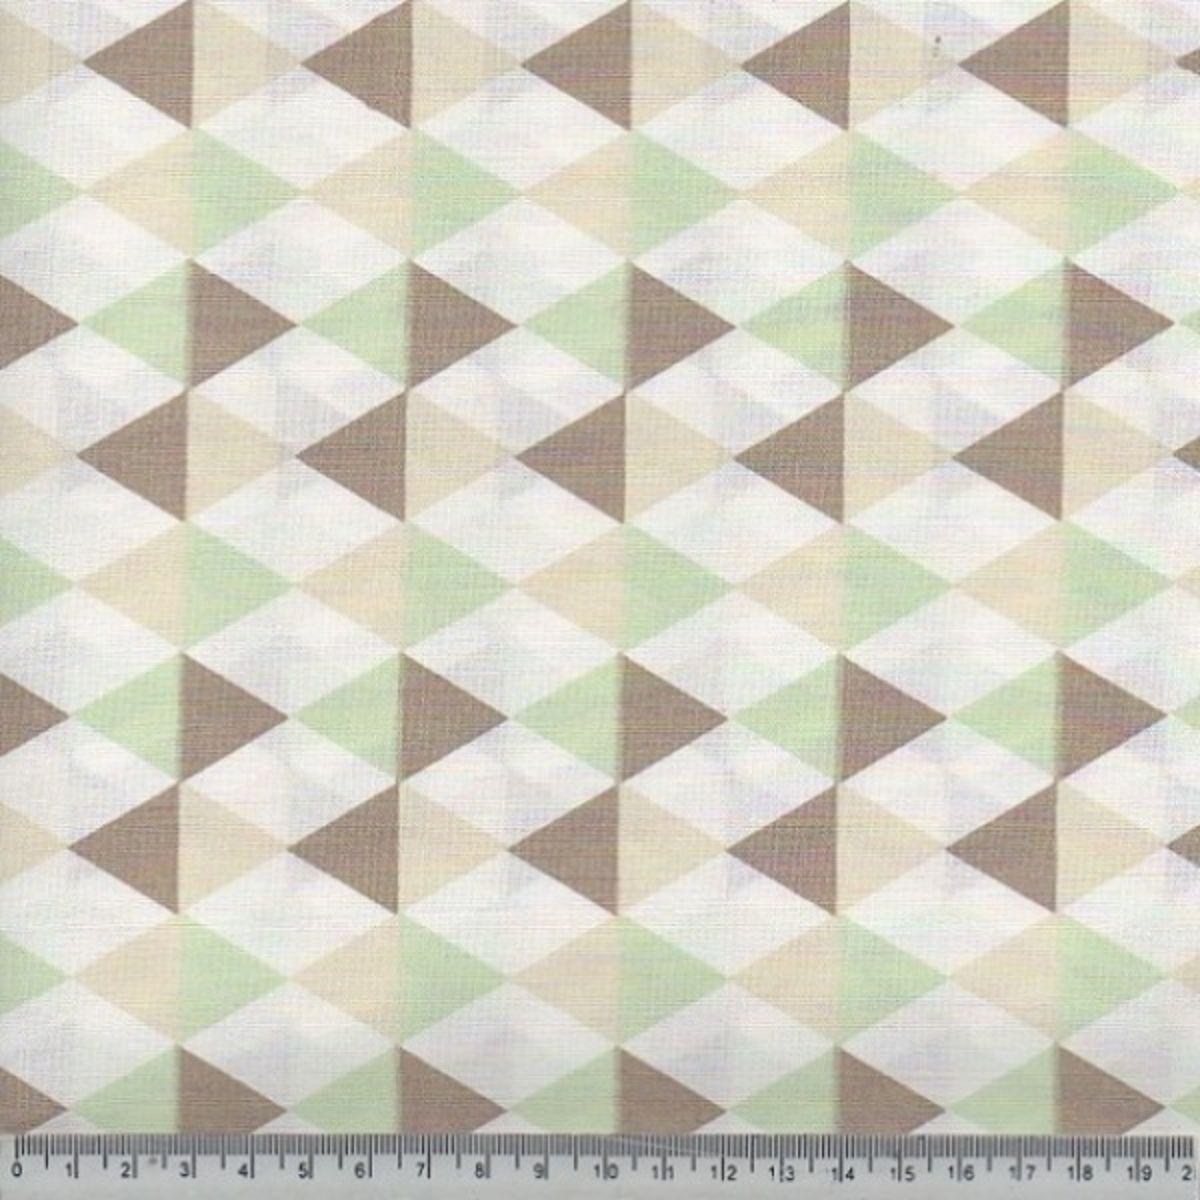 Tecido Tricoline 100% Algodão 0,50 cm x 1,50 m de Largura - Coleção Safari